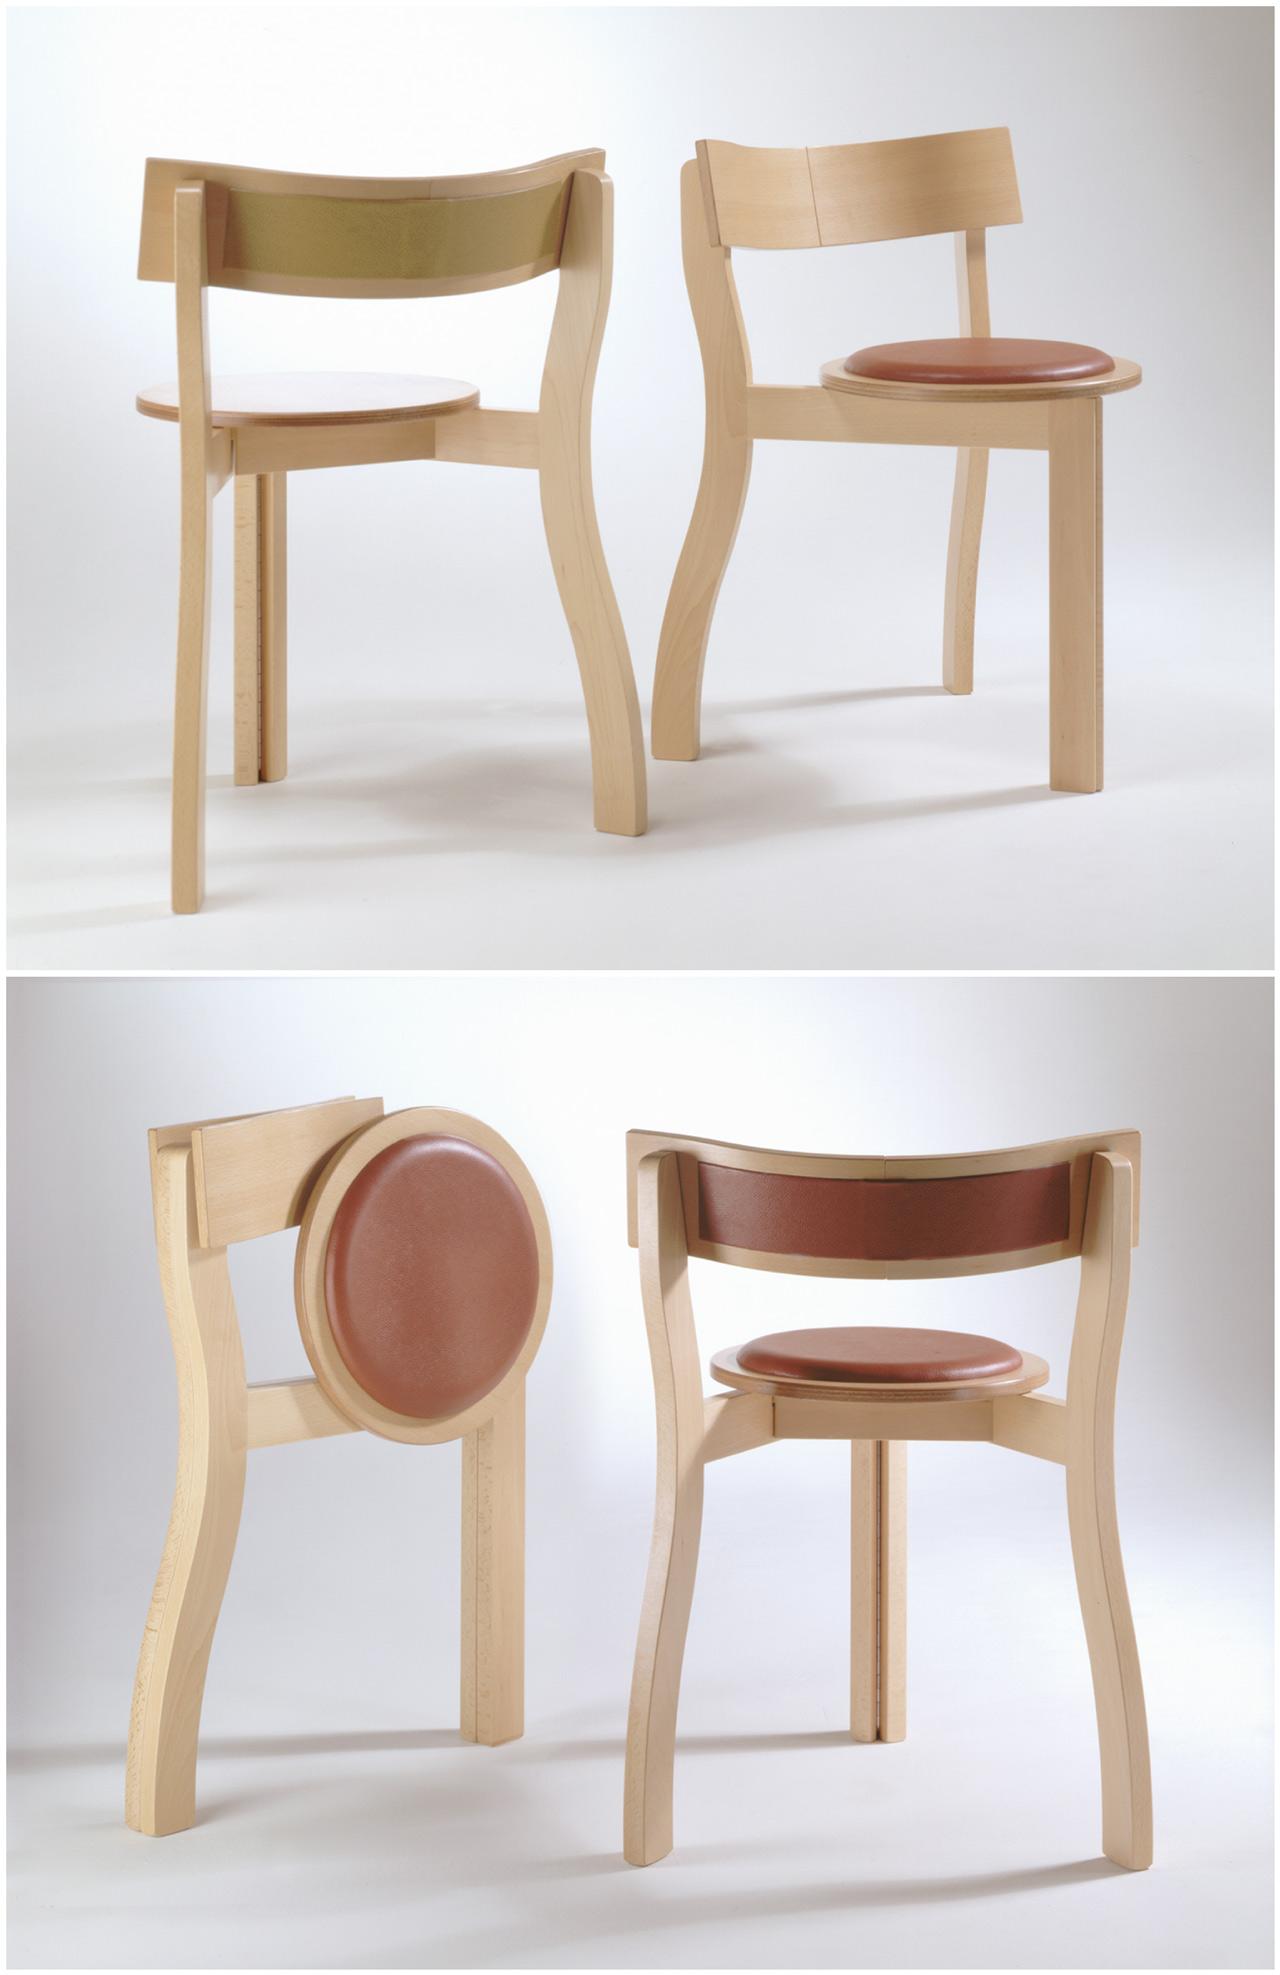 K-s-Chair_S3.jpg